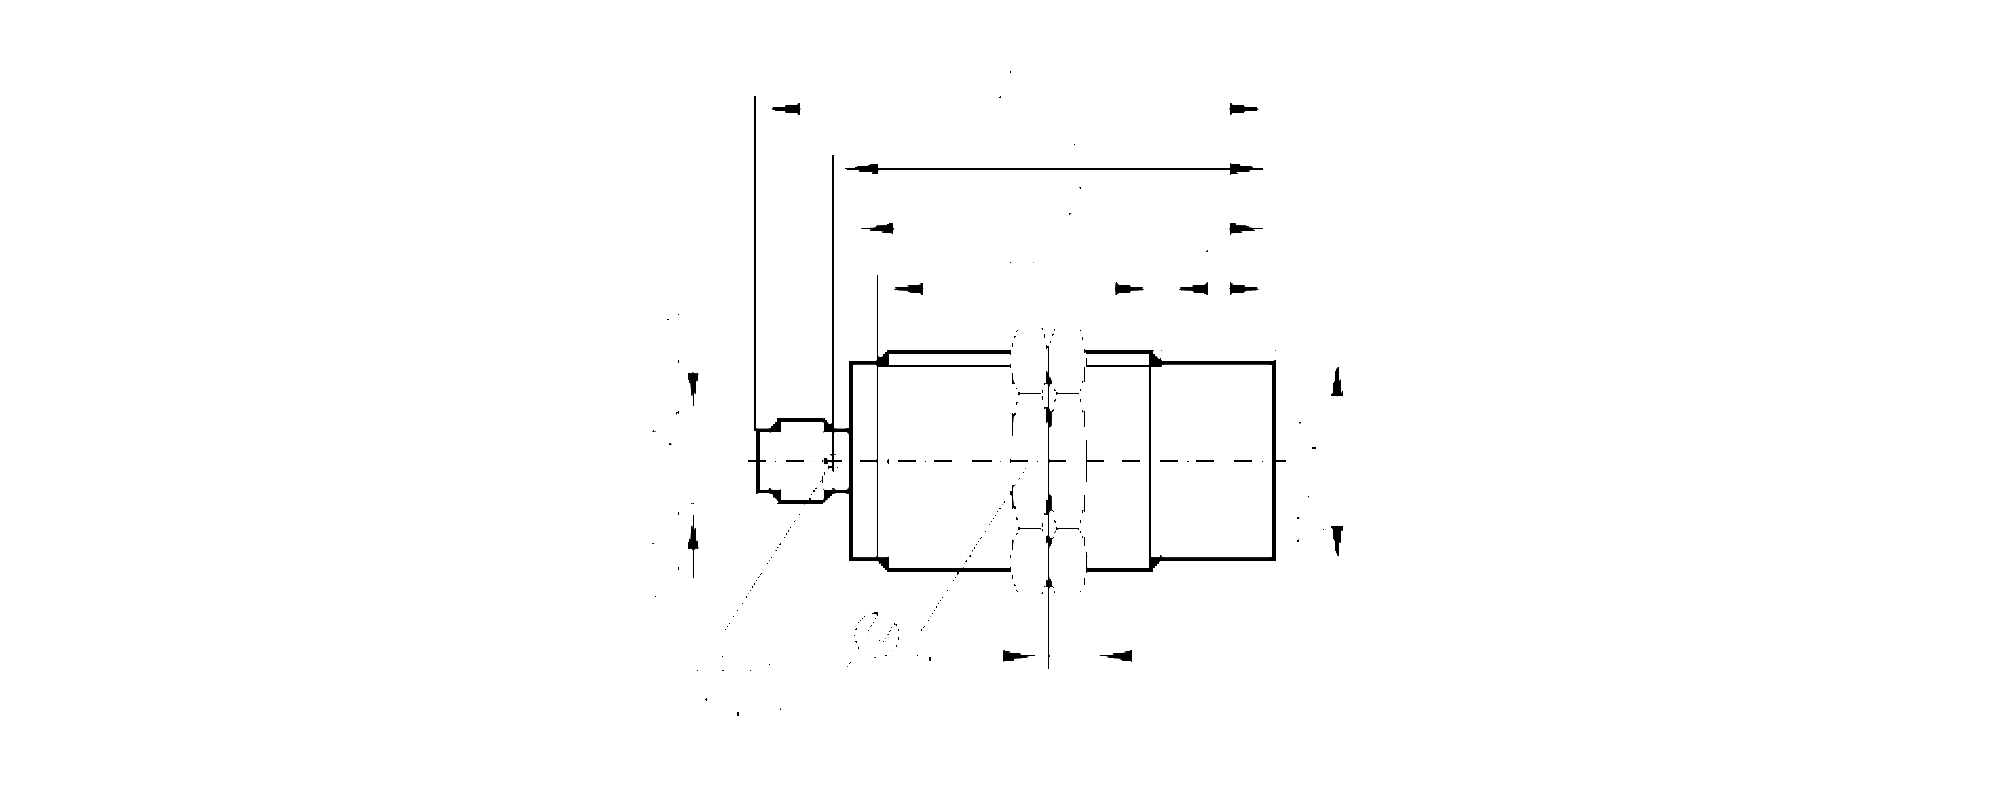 iit002 - inductive sensor